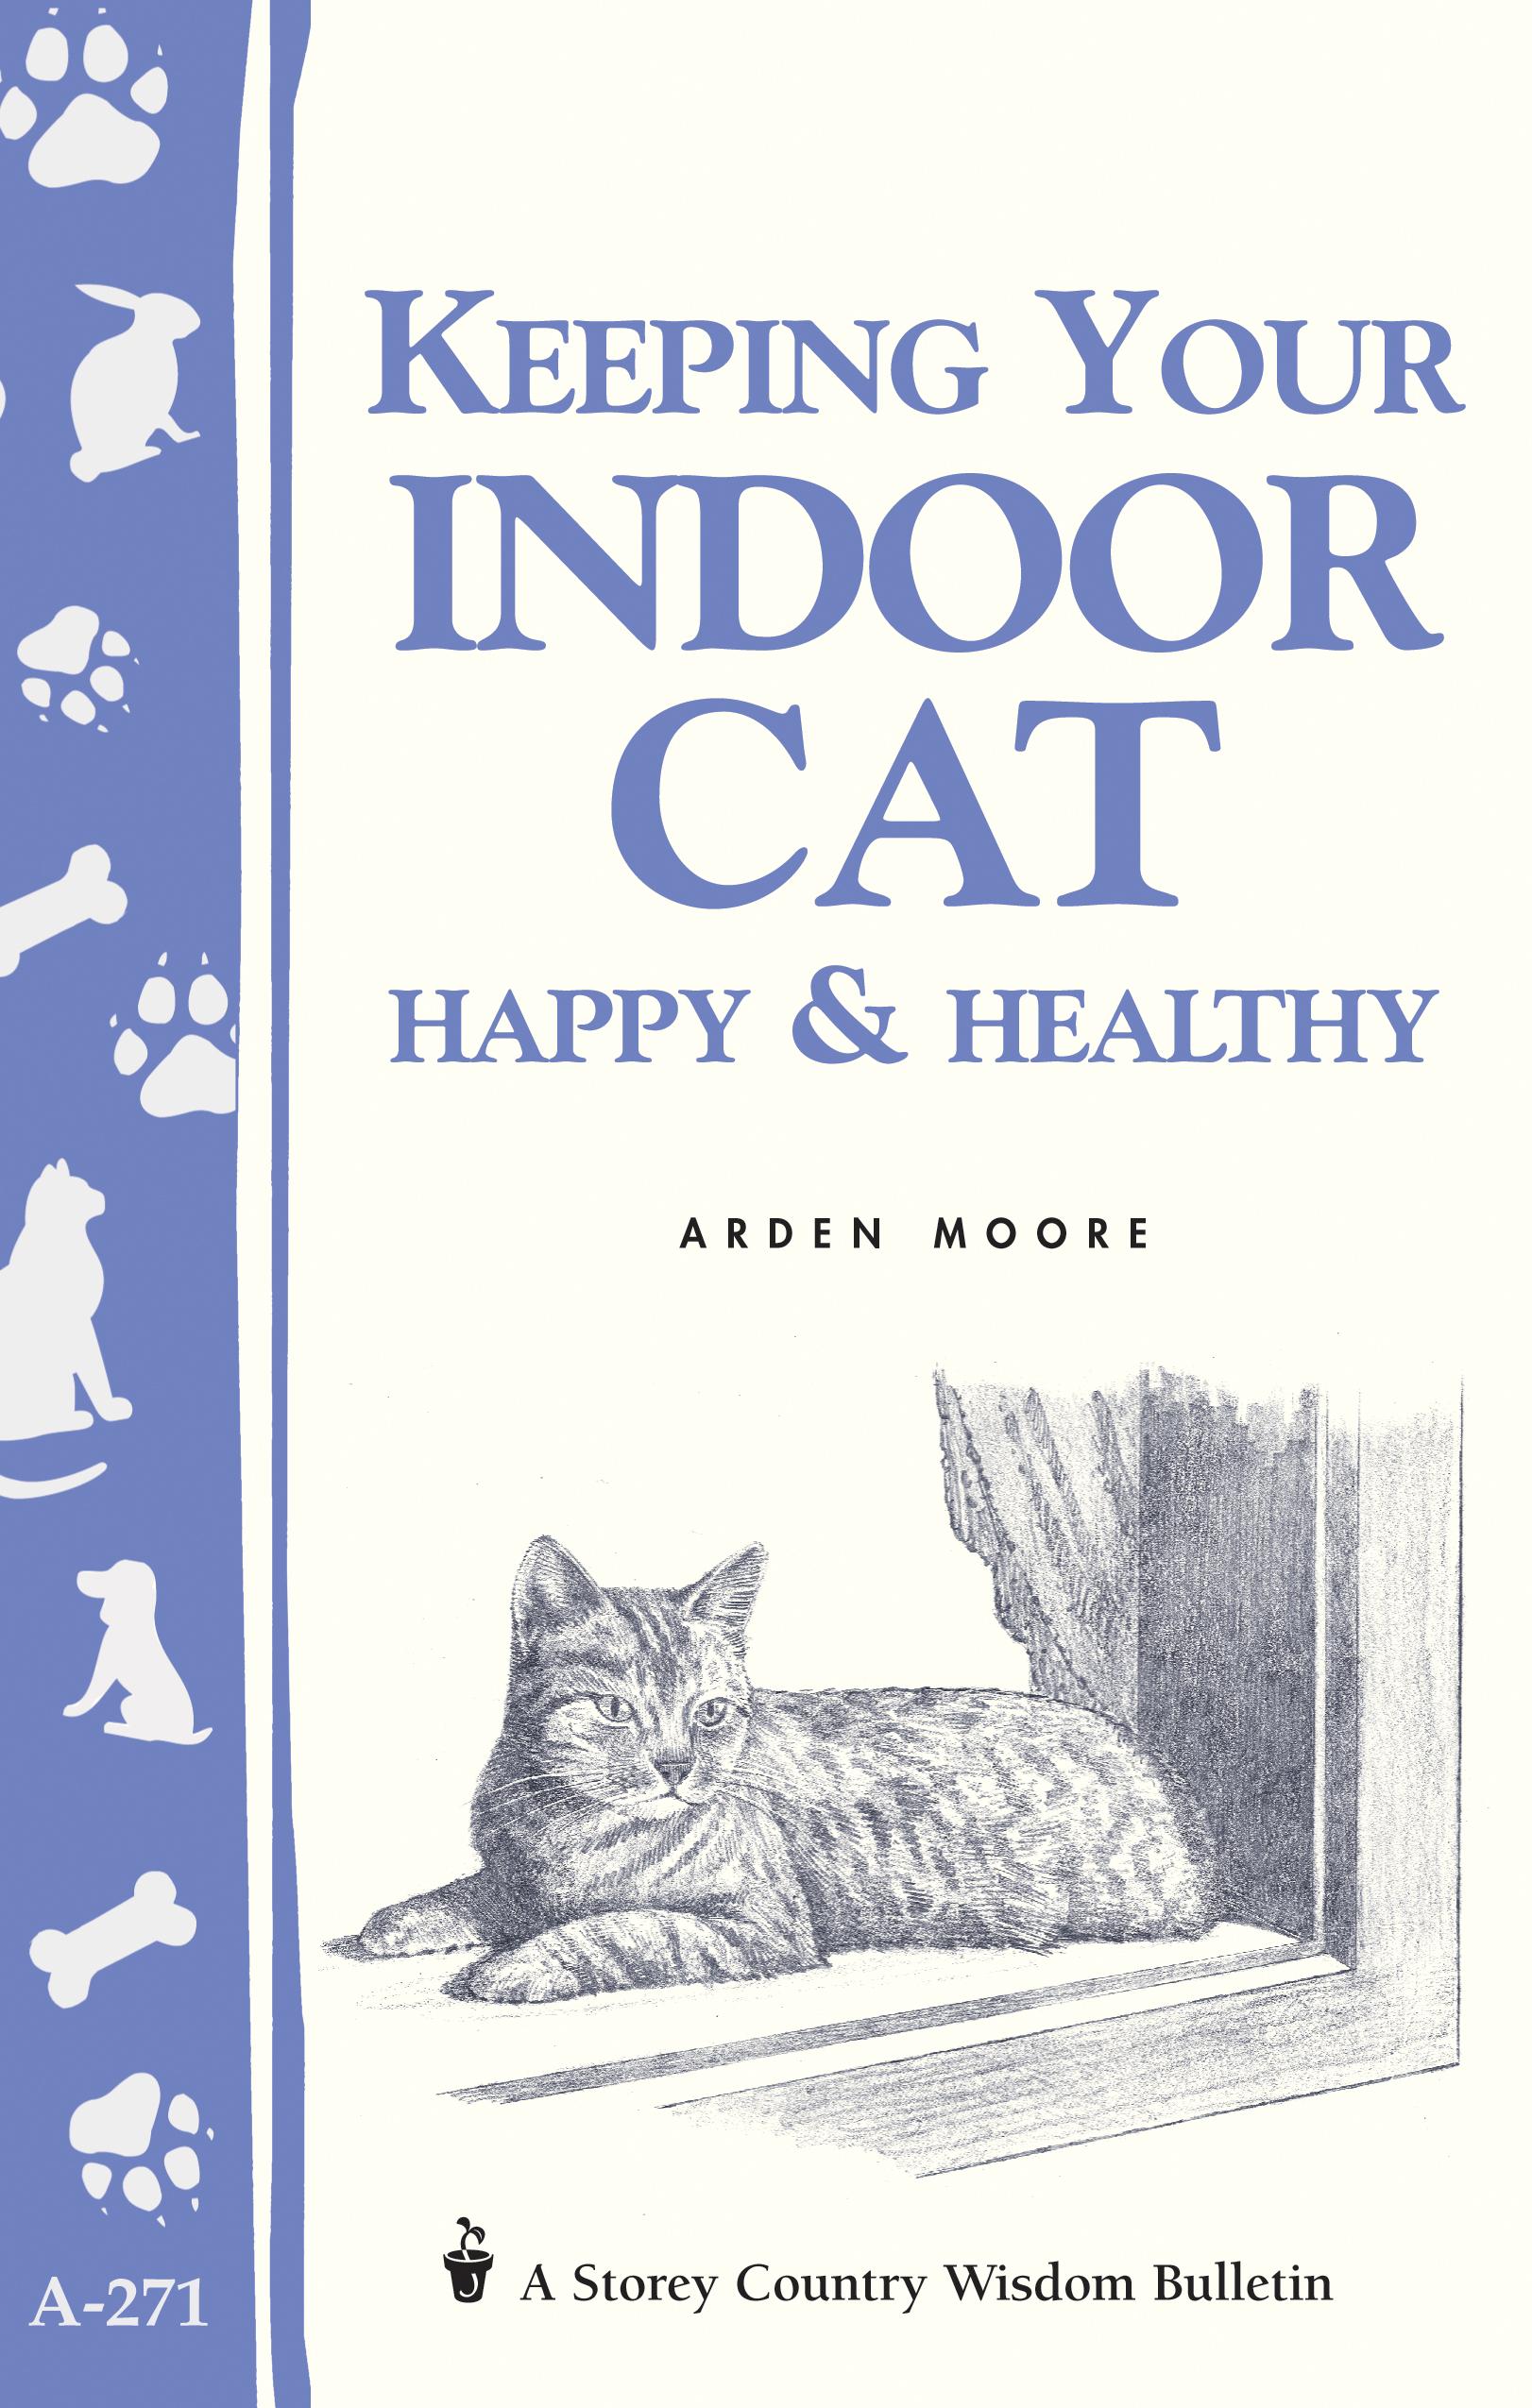 Keeping Your Indoor Cat Happy & Healthy  - Arden Moore